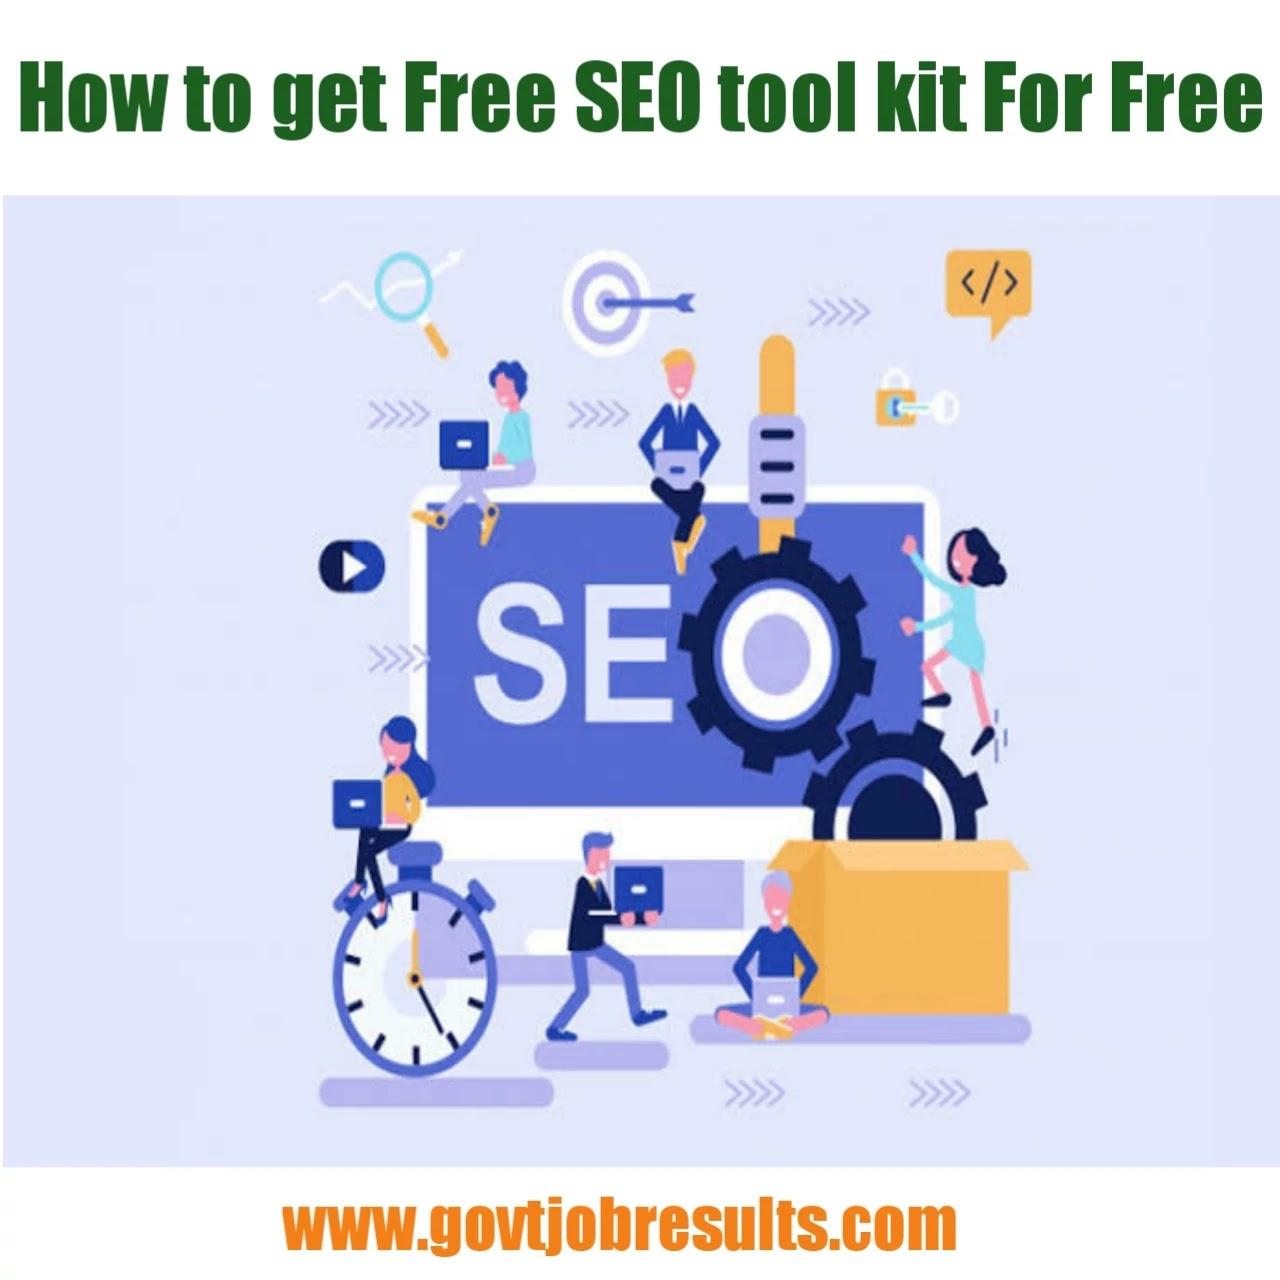 Free Seo Tool kit